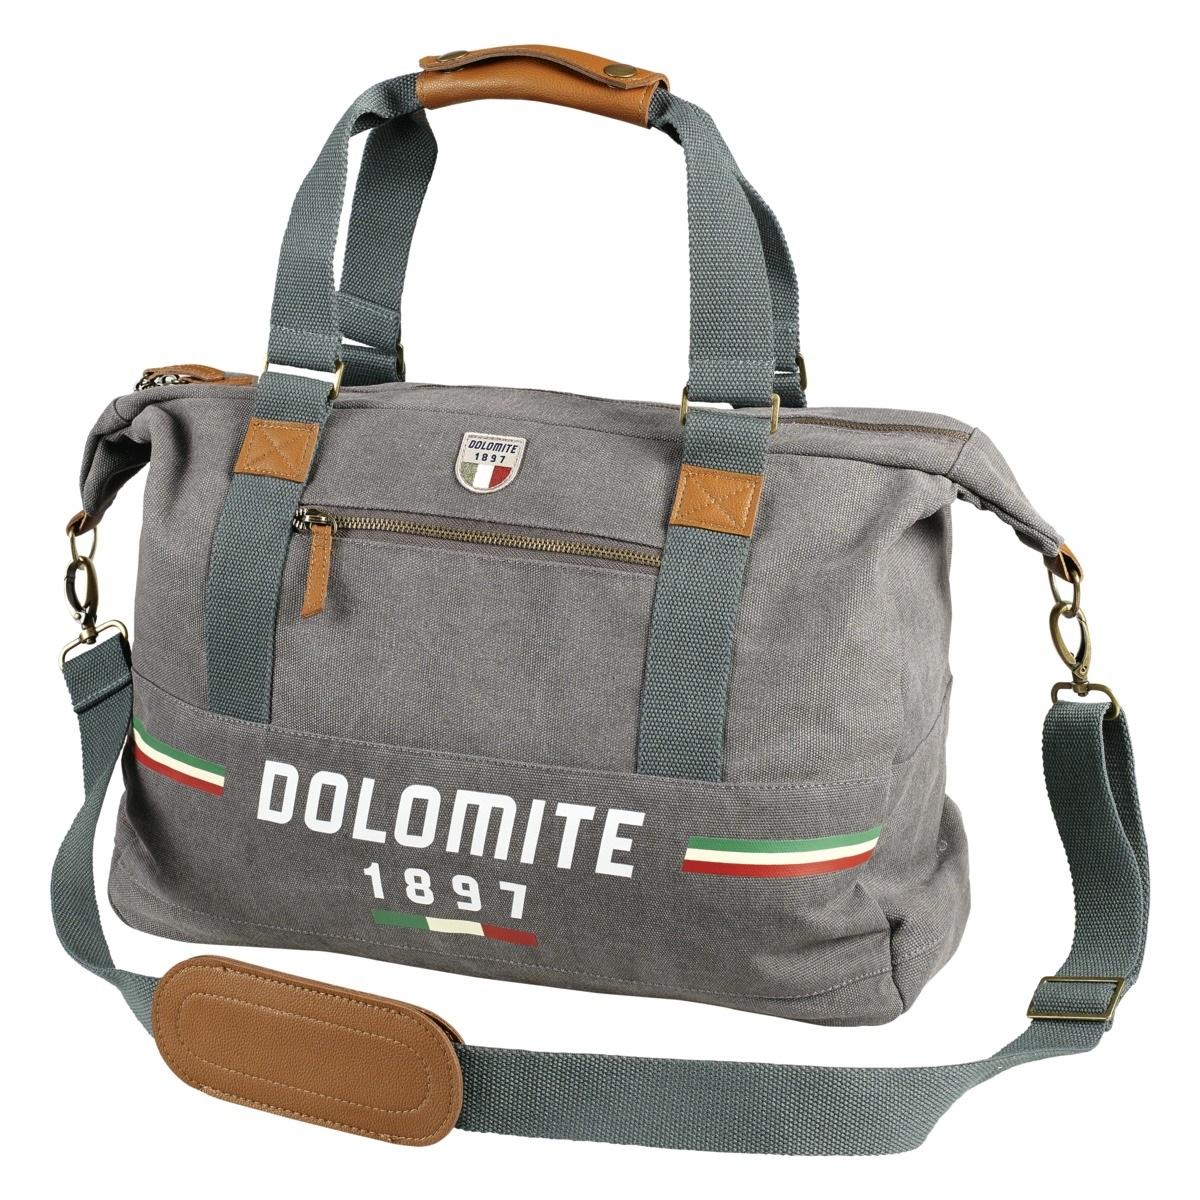 Dolomite Reisetasche Sessanta BOWLING BAG